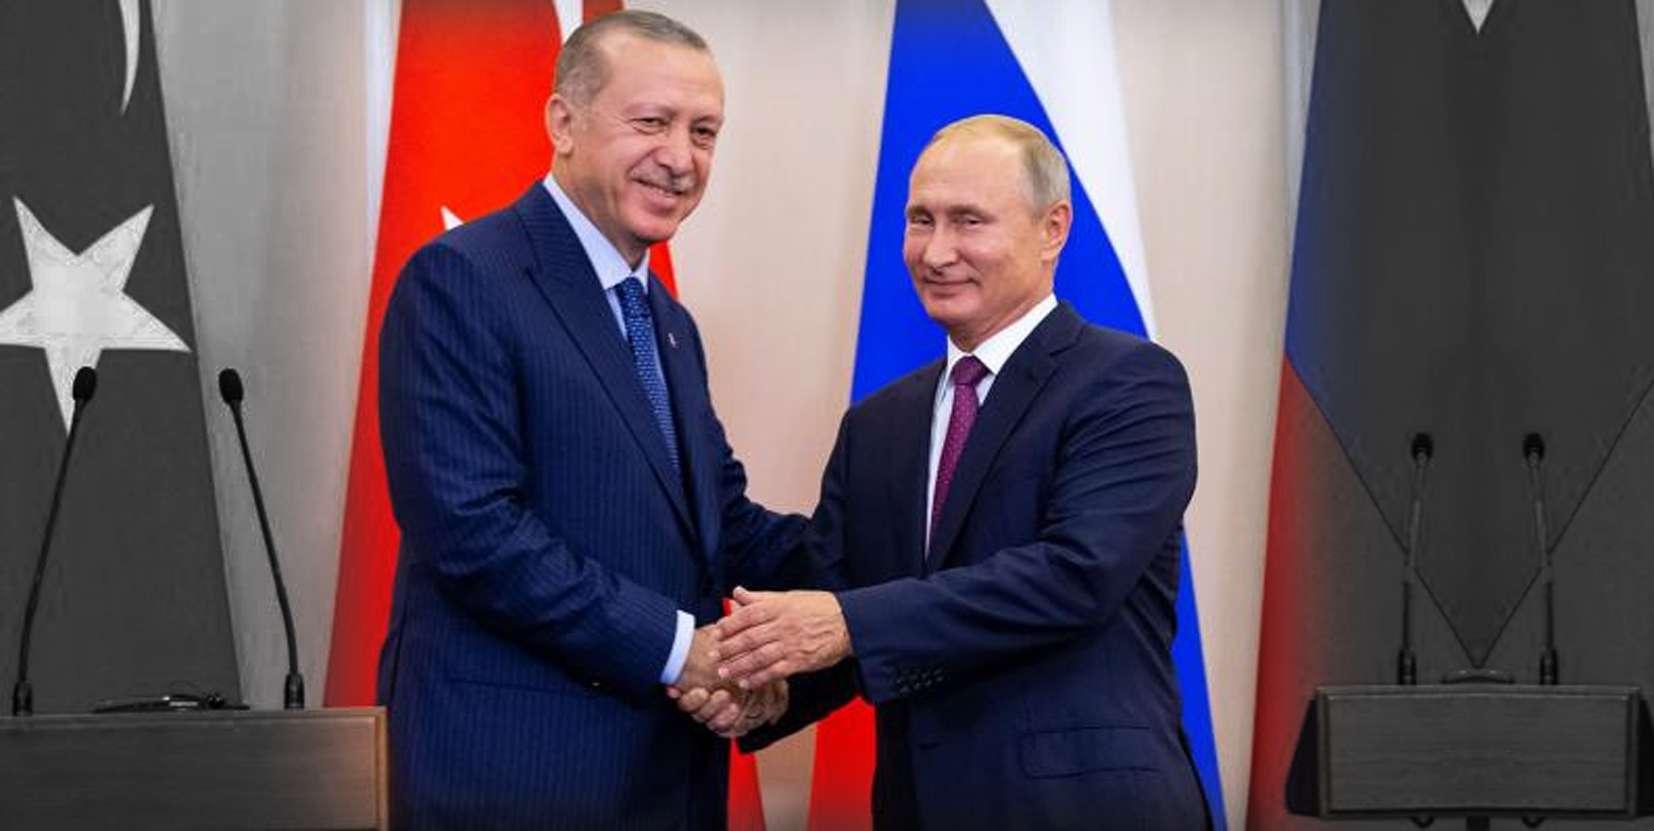 Βλαντίμιρ Πούτιν Ταγίπ Ερντογάν